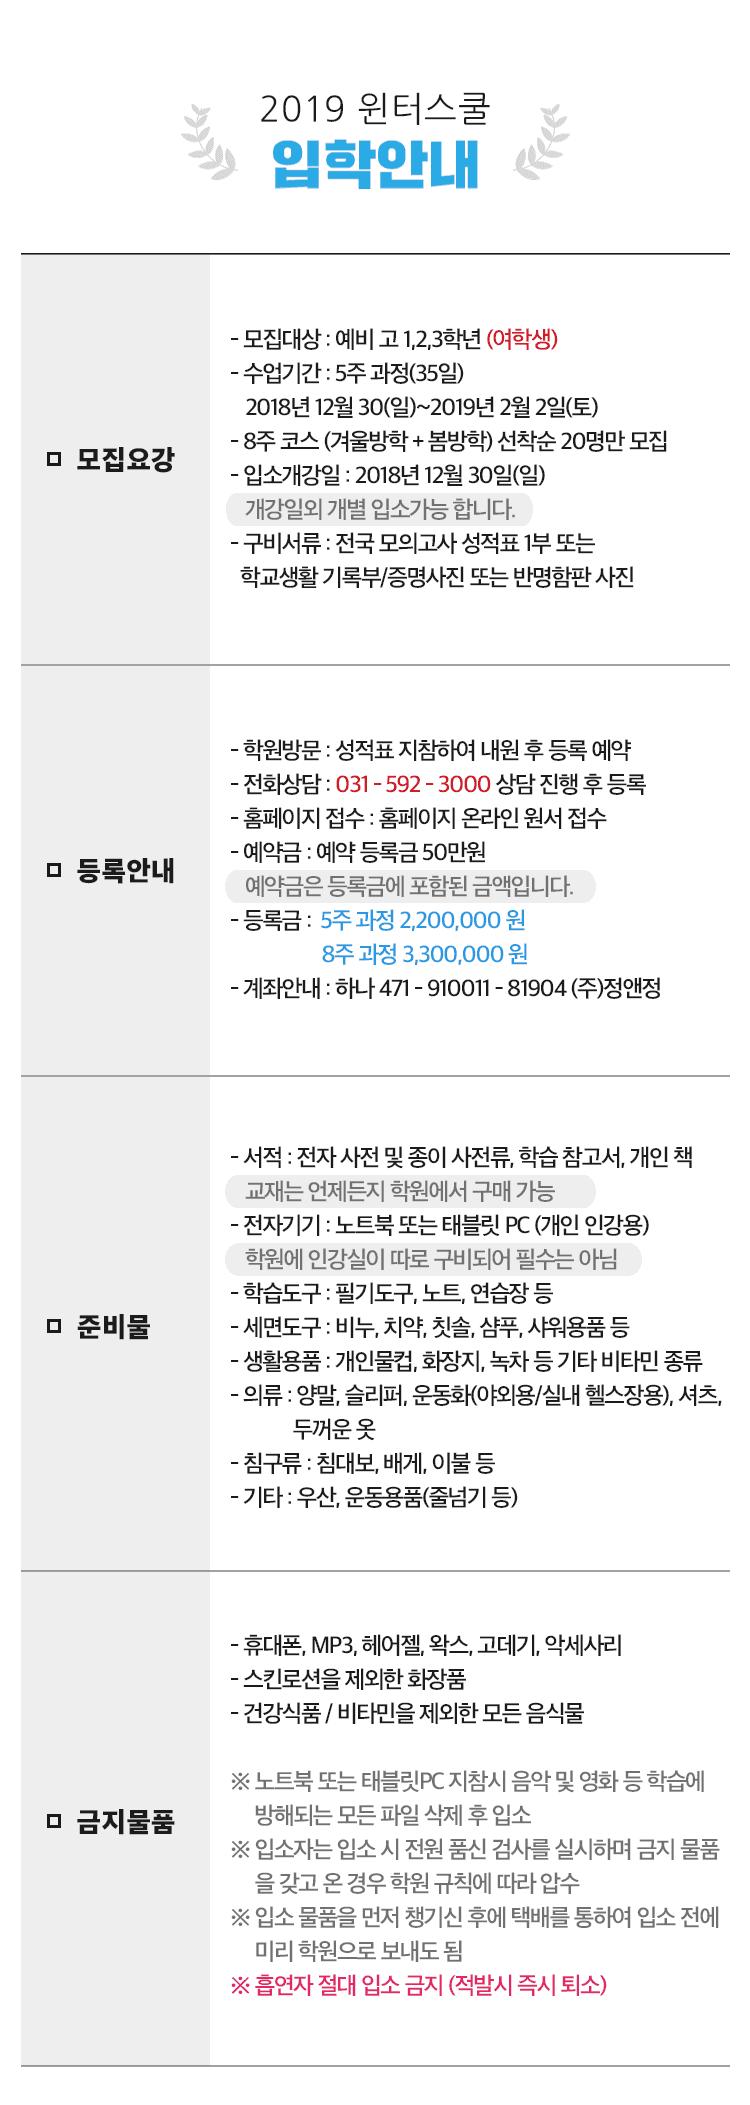 2019 윈터스쿨 시간표 입학안내 모바일